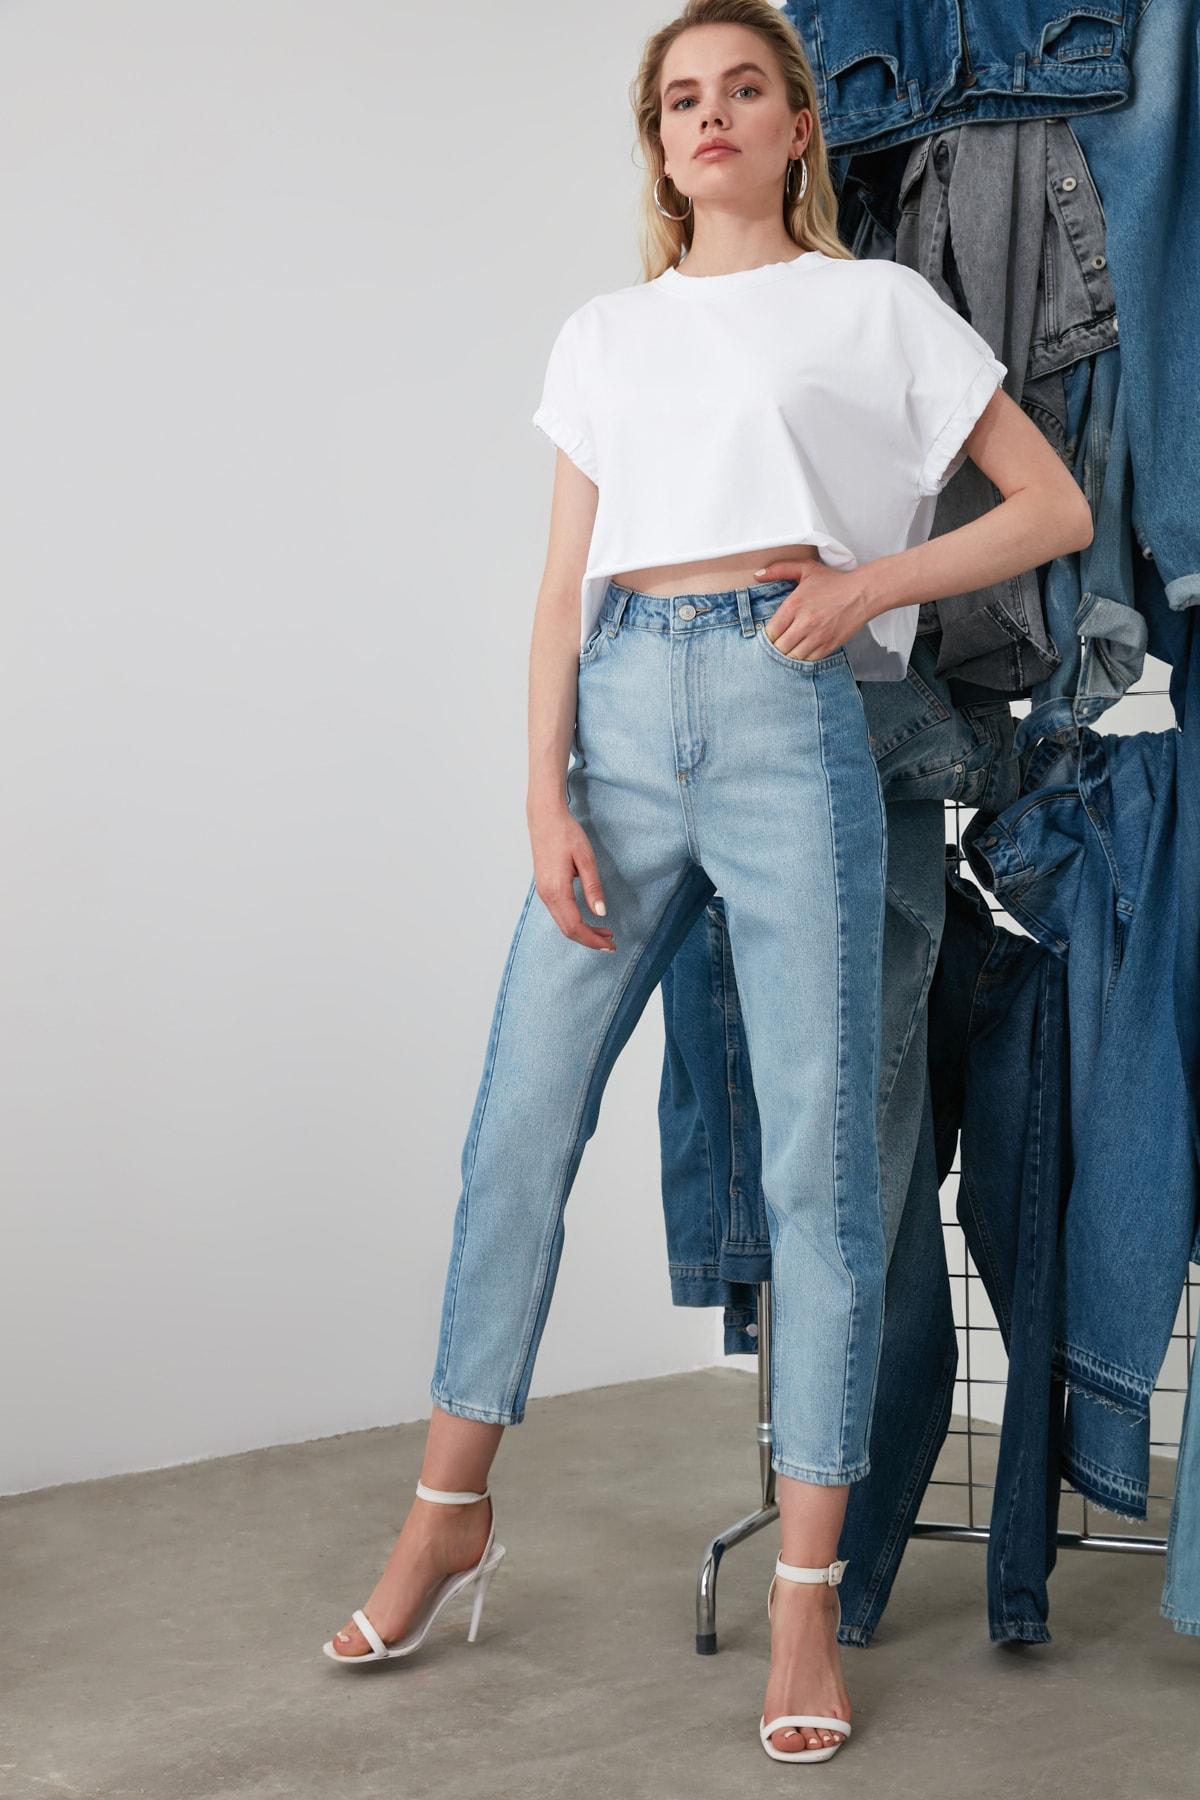 Trendyol Blocky High Bel Mom Jeans TWOSS20JE0080 Jeans Trousers Casual Denim Outerwear Blue Streetwear Vintage Women Fashion Jeans 2021